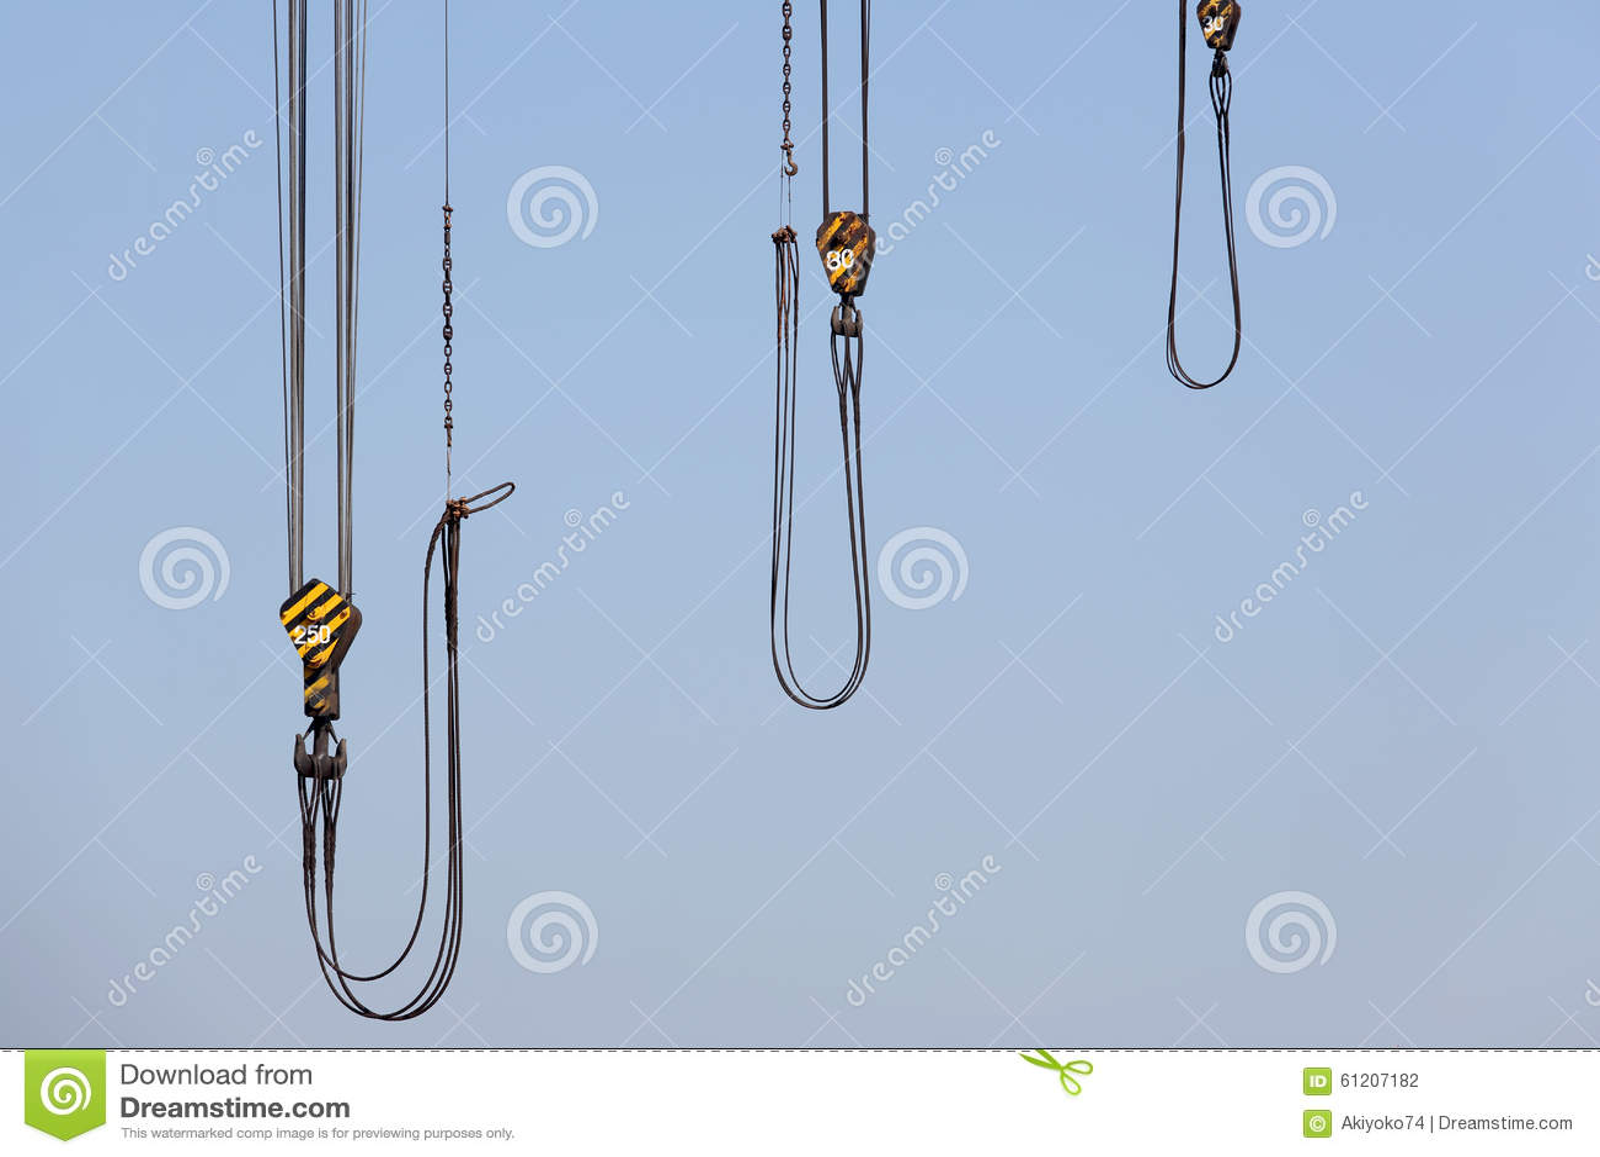 与钢勾子的起重机导线